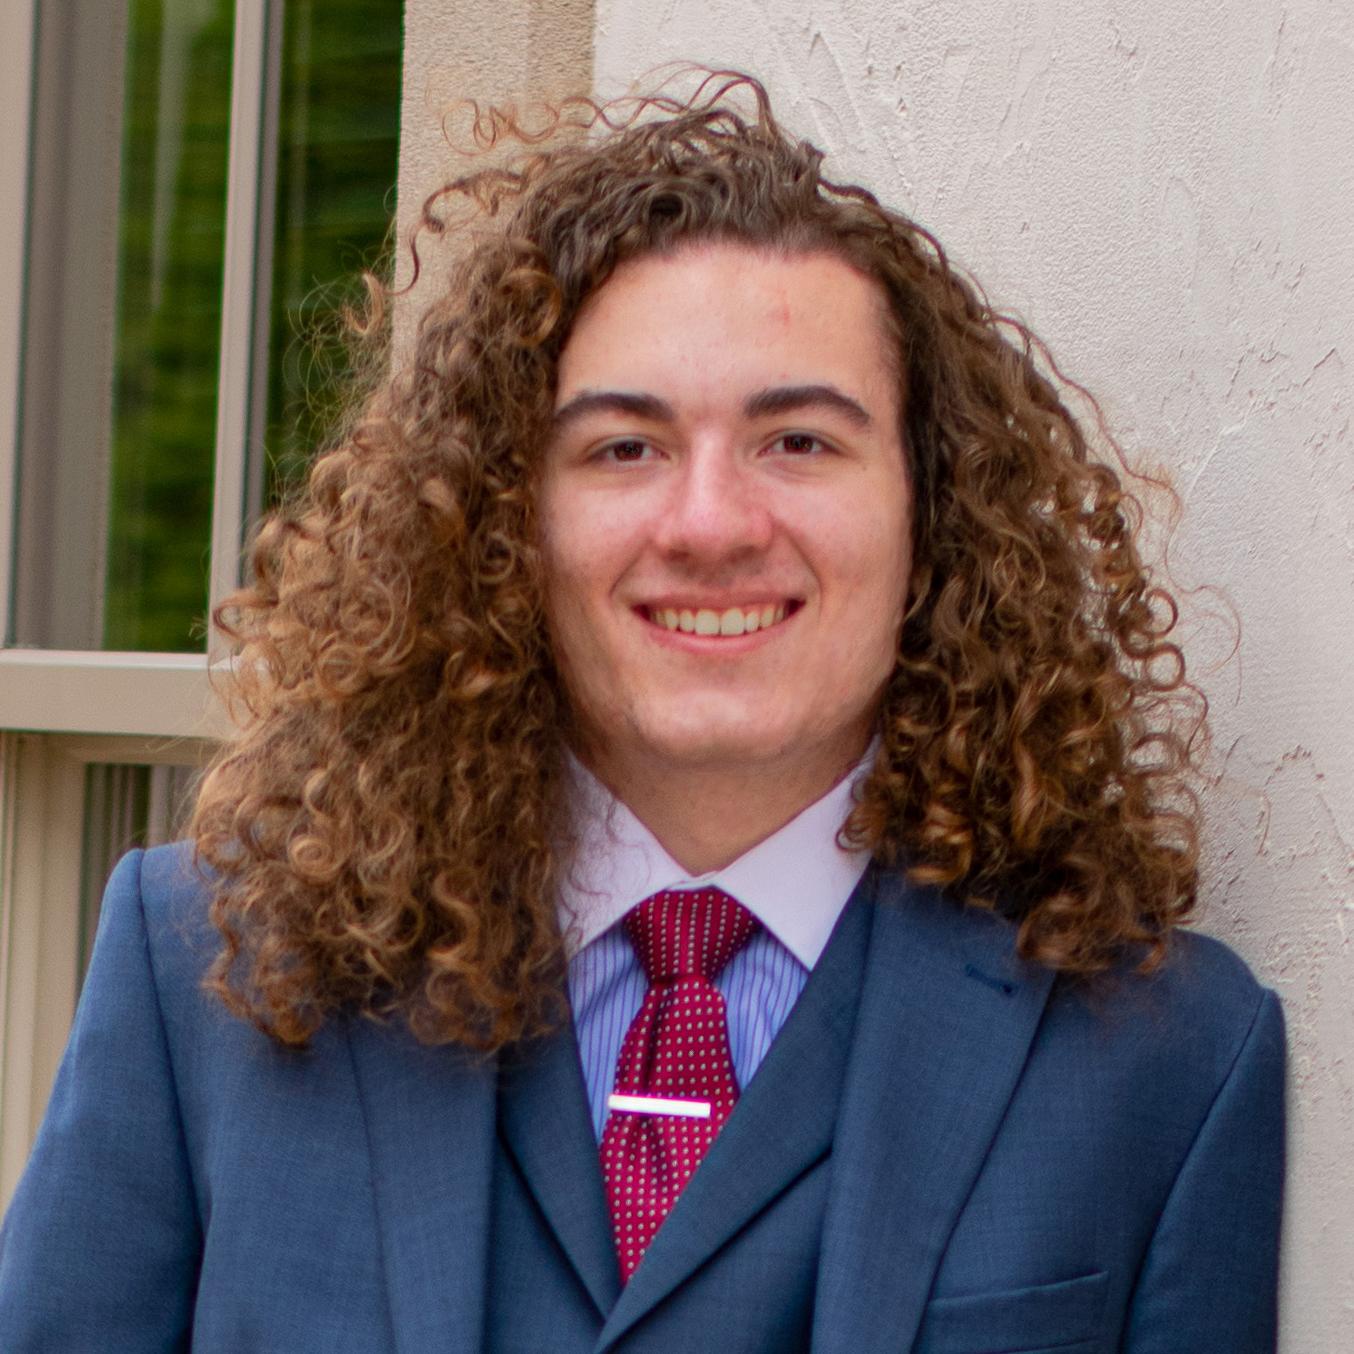 Jacob Ashburn from Indiana University